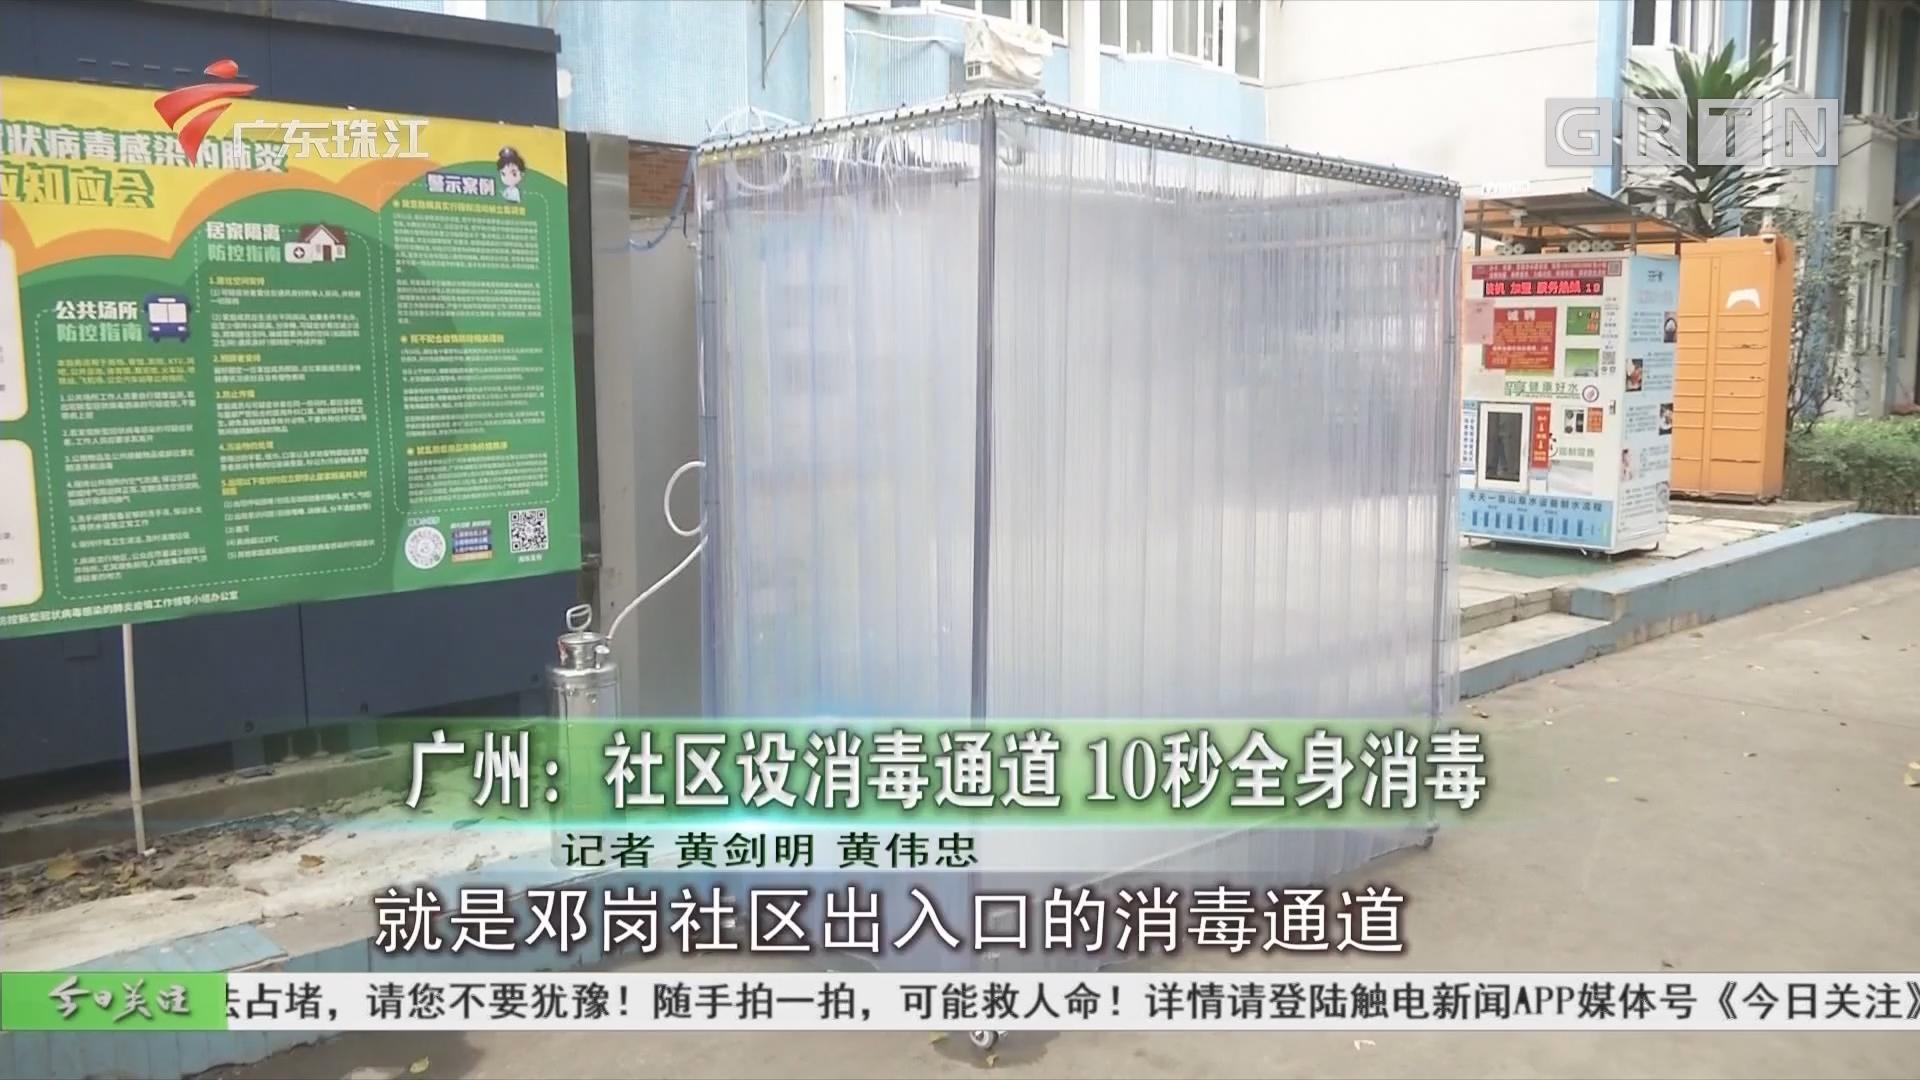 广州:社区设消毒通道 10秒全身消毒